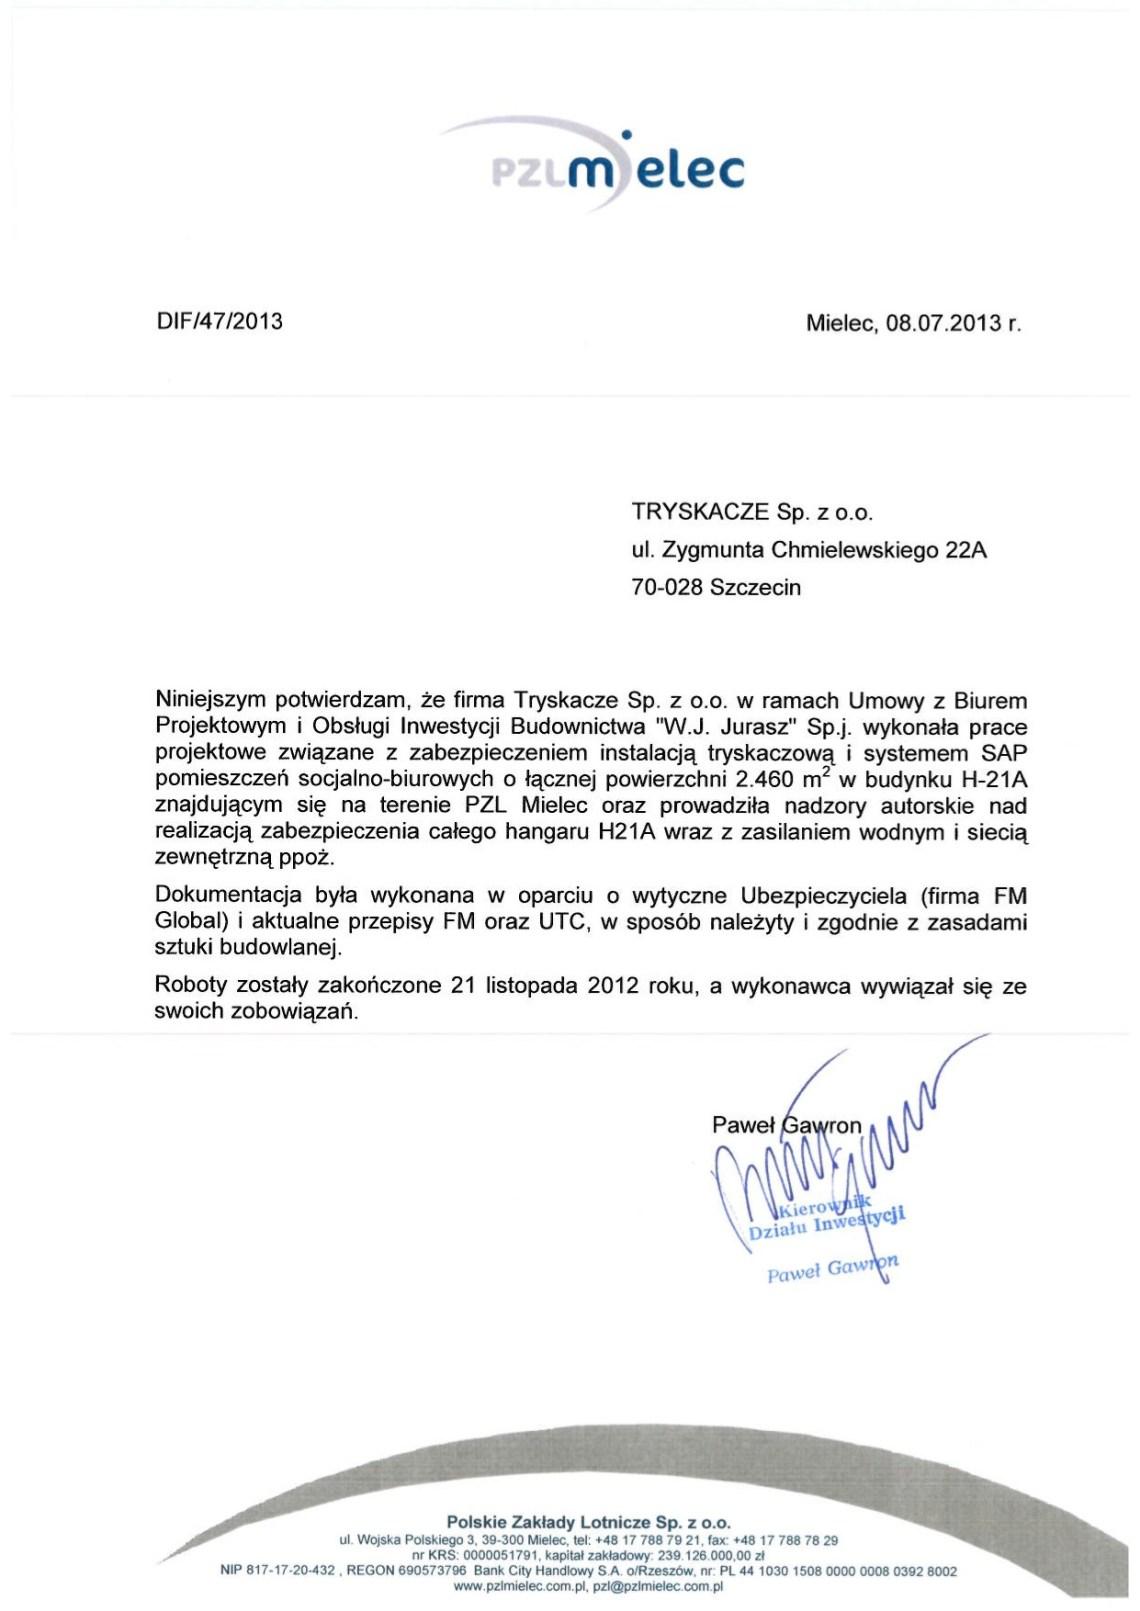 tryskacze_referencje_pzl_mielec